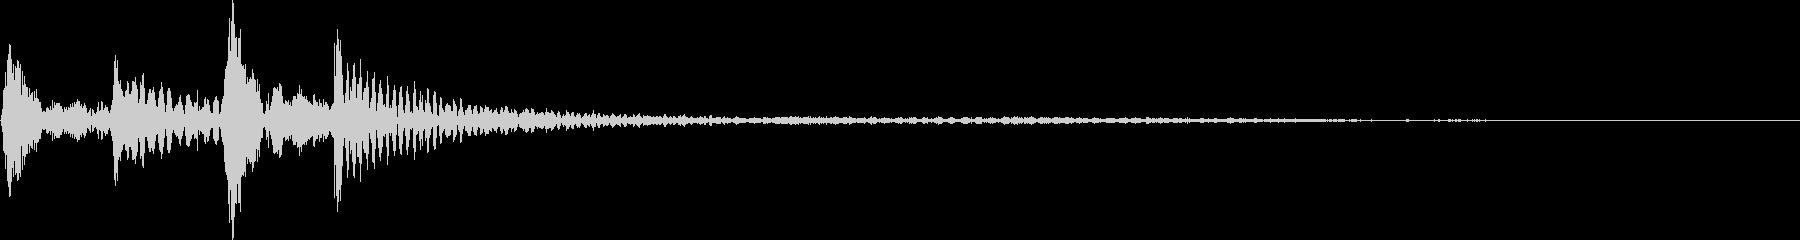 ポコポカン(スワイプ、決定、移動)の未再生の波形